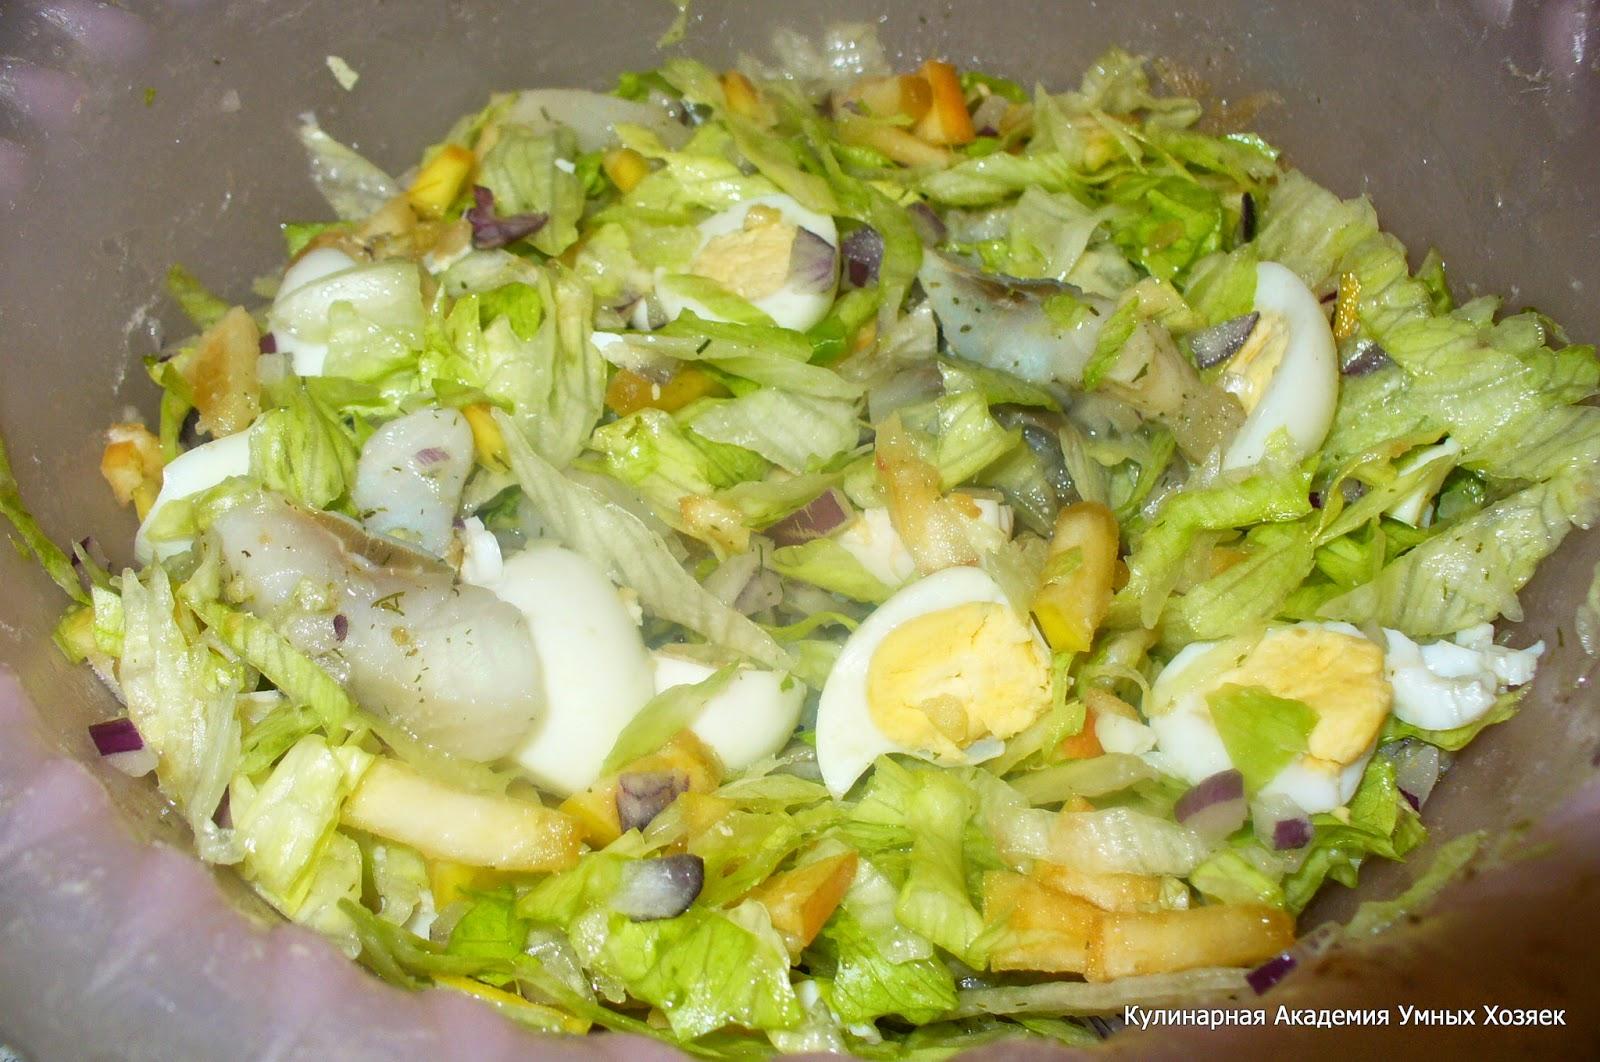 салат с селедкой и яйцами смешанный